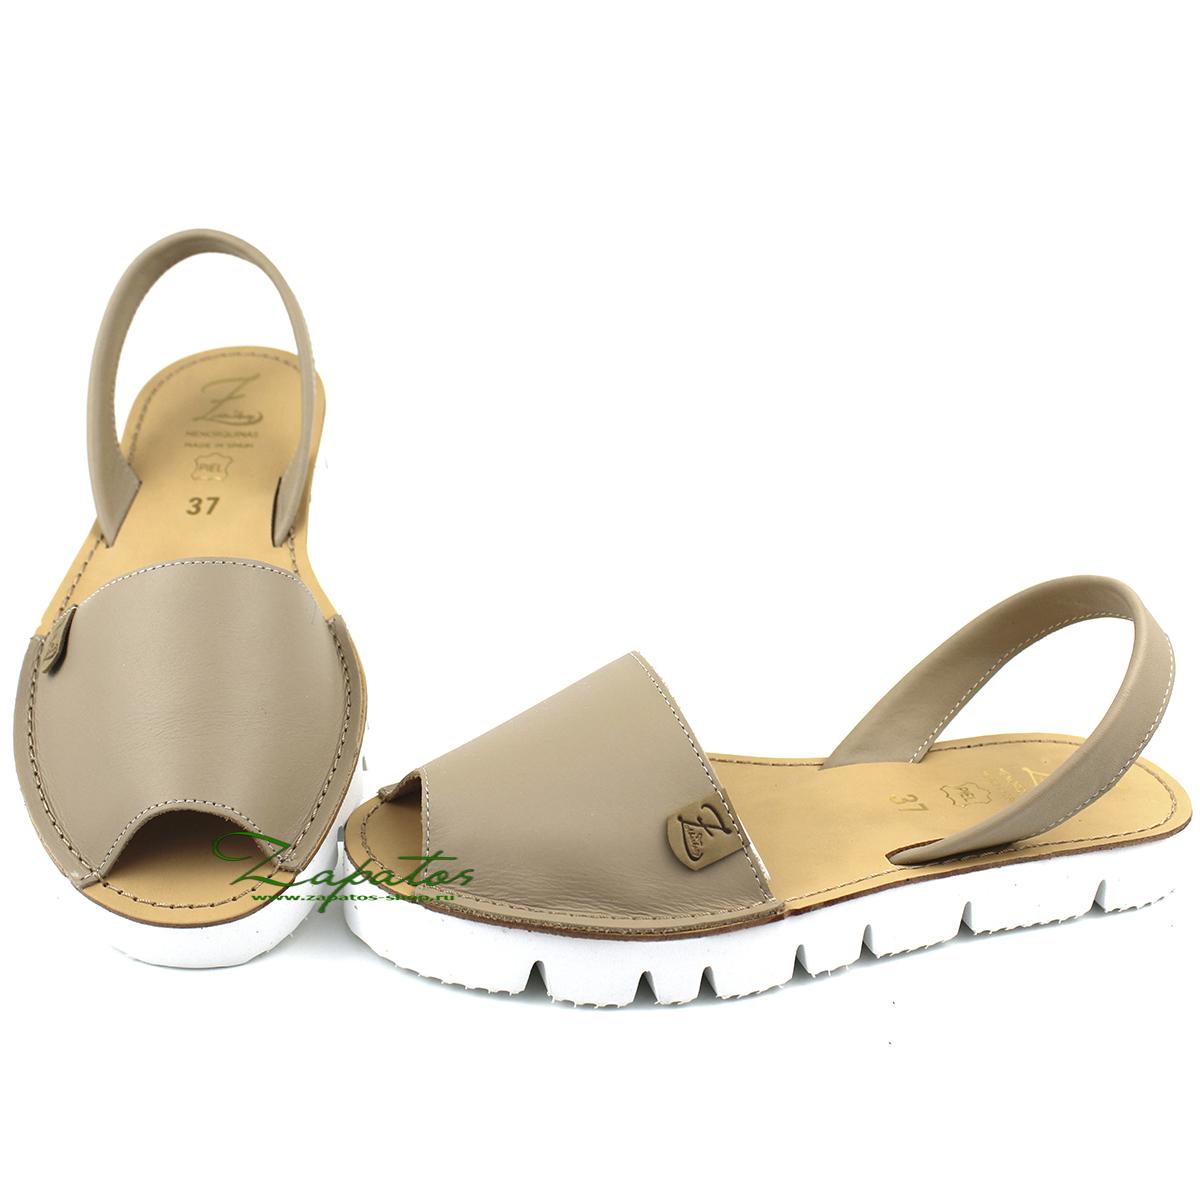 Абаркасы AB.Zapatos · 3202 taupe ·